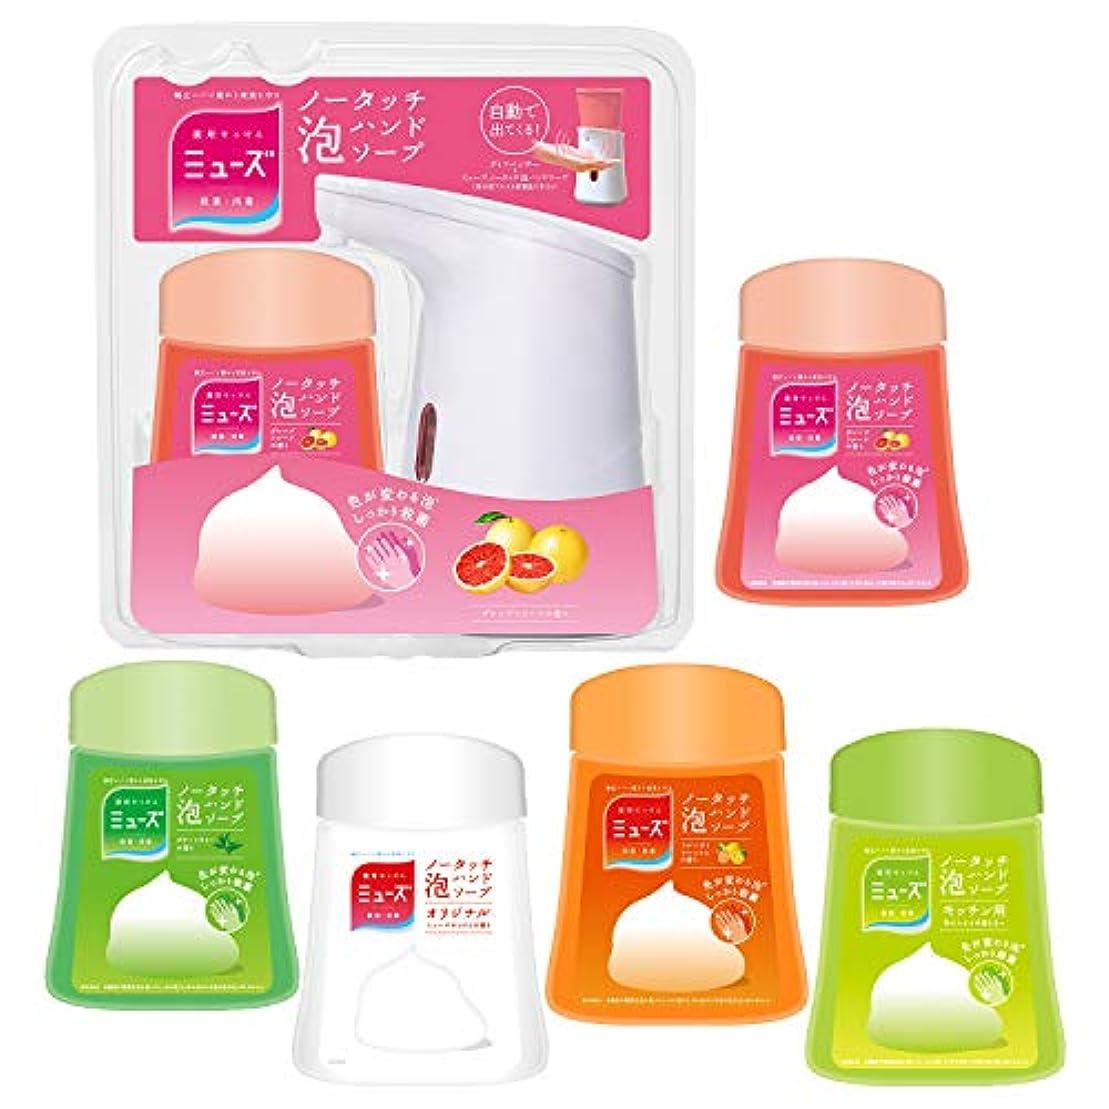 新鮮な寝室を掃除する賢明な【本体付き】薬用せっけんミューズ ノータッチ 泡ハンドソープ本体(グレープフルーツの香り) +詰替え 5種セット